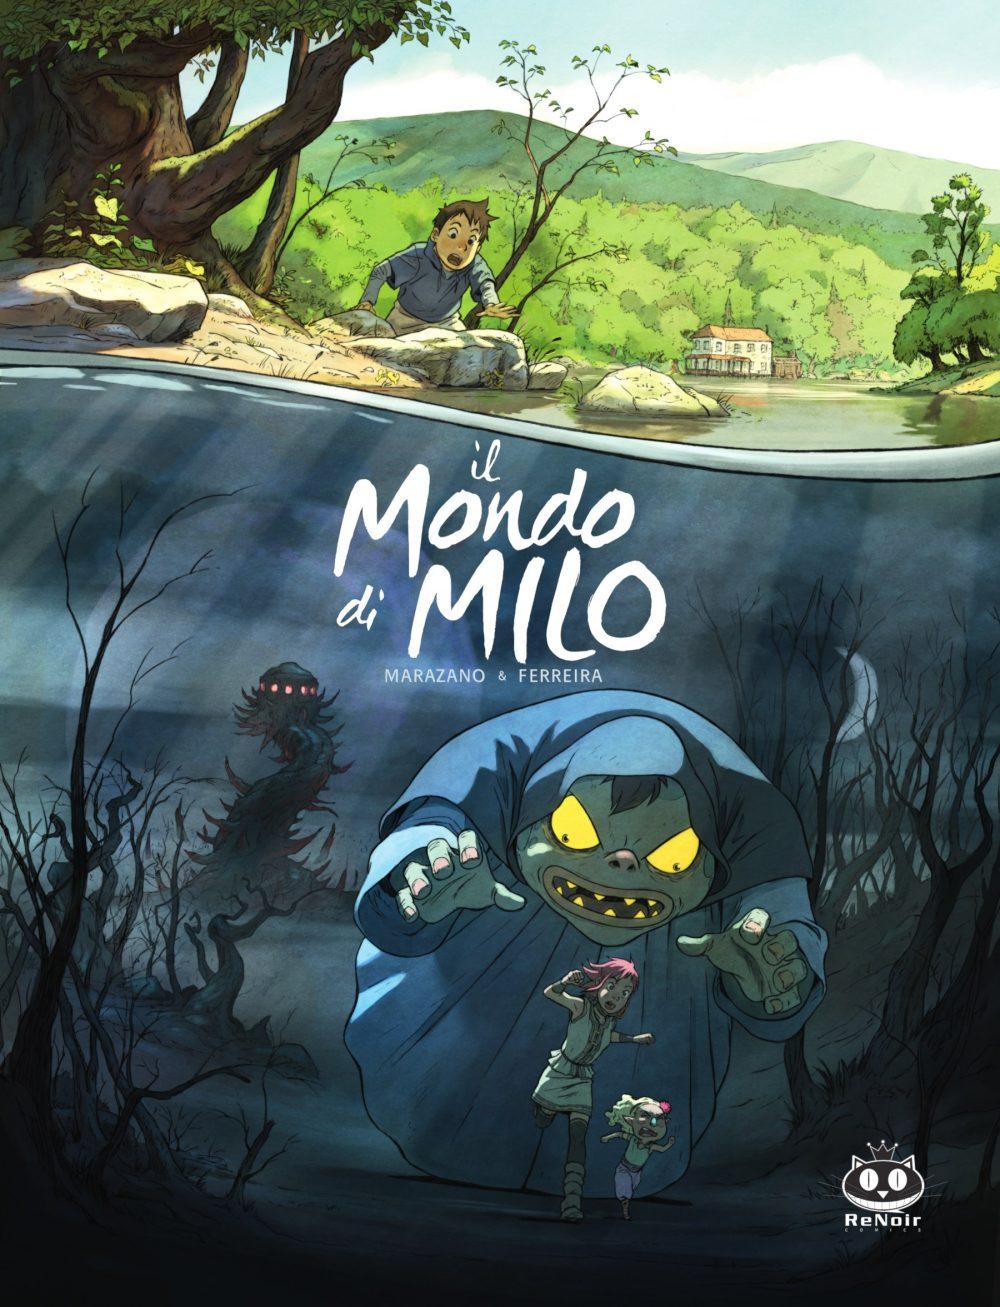 Il mondo di Milo vol. 1, copertina di Christophe Ferreira